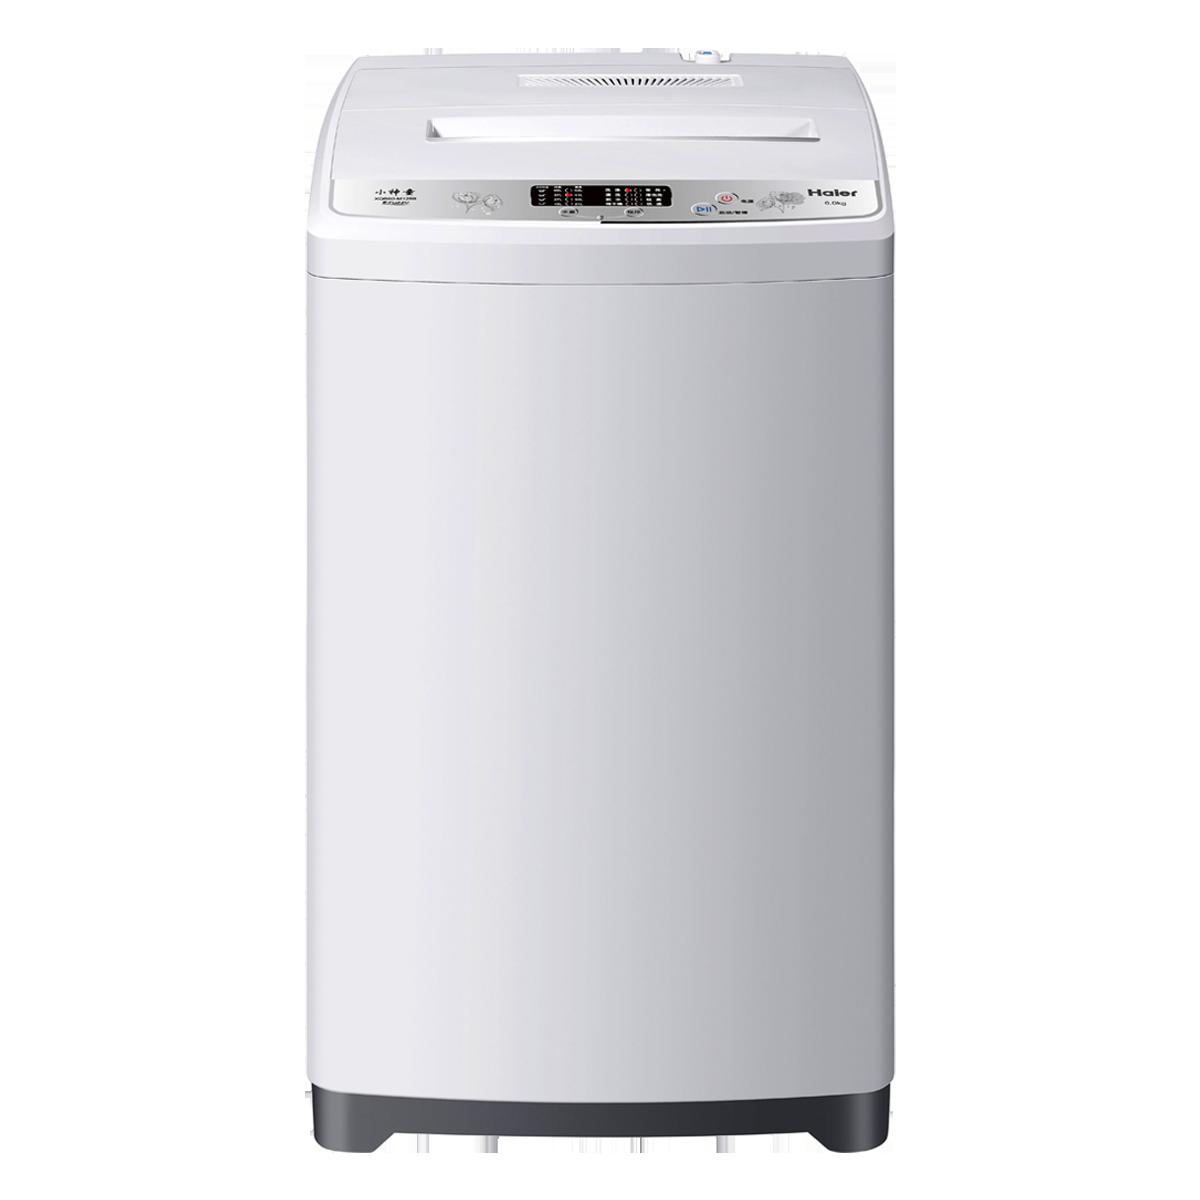 海尔Haier洗衣机 XQB60-M1269 说明书